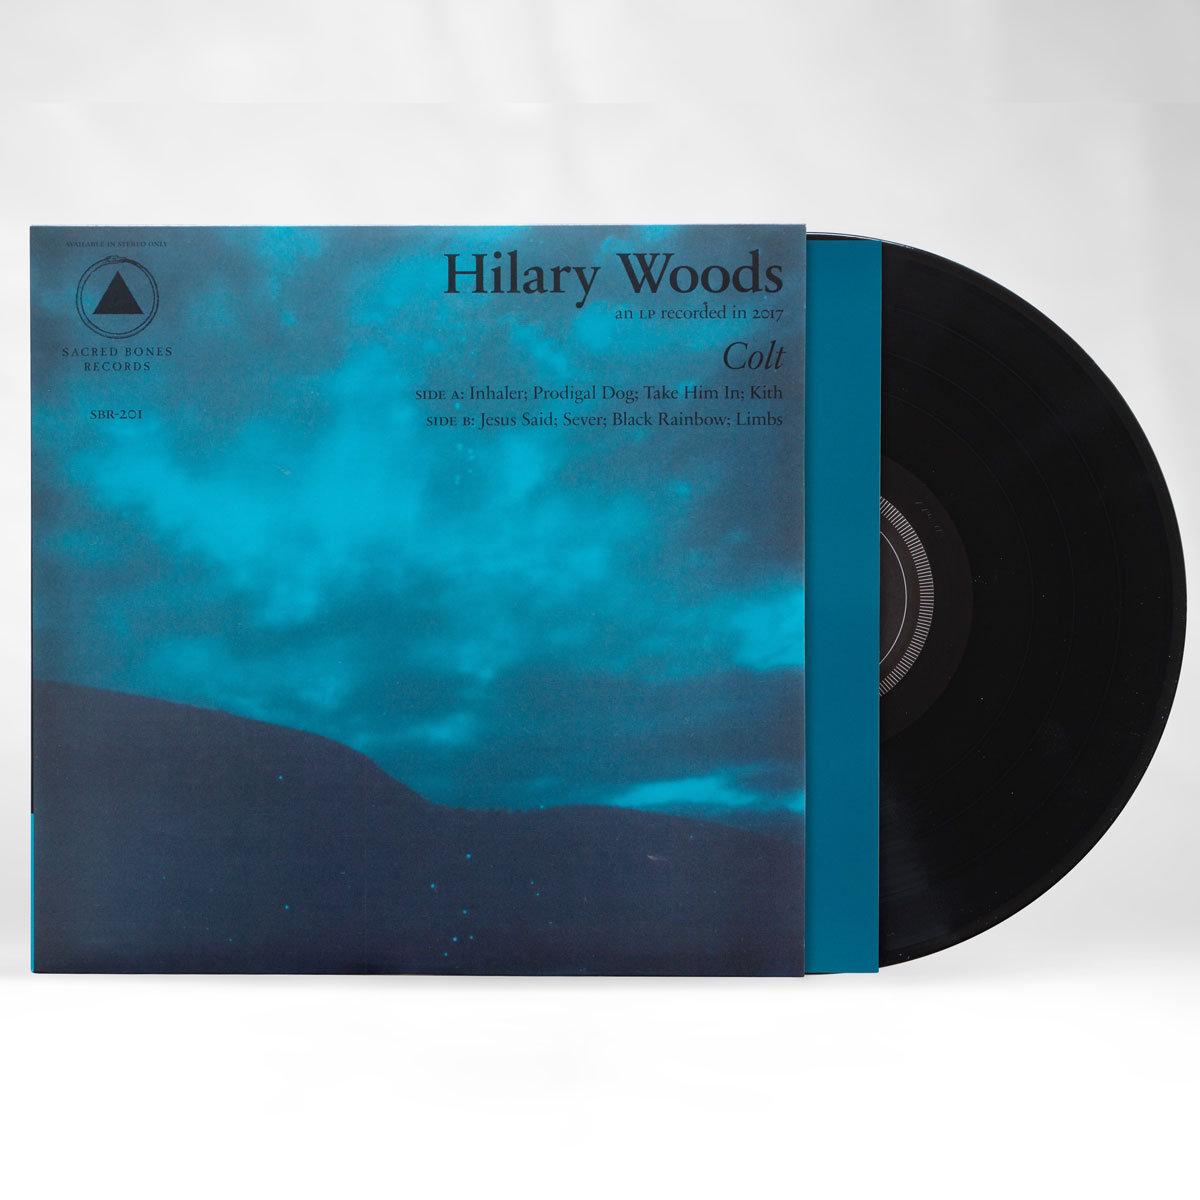 Colt Hilary Woods